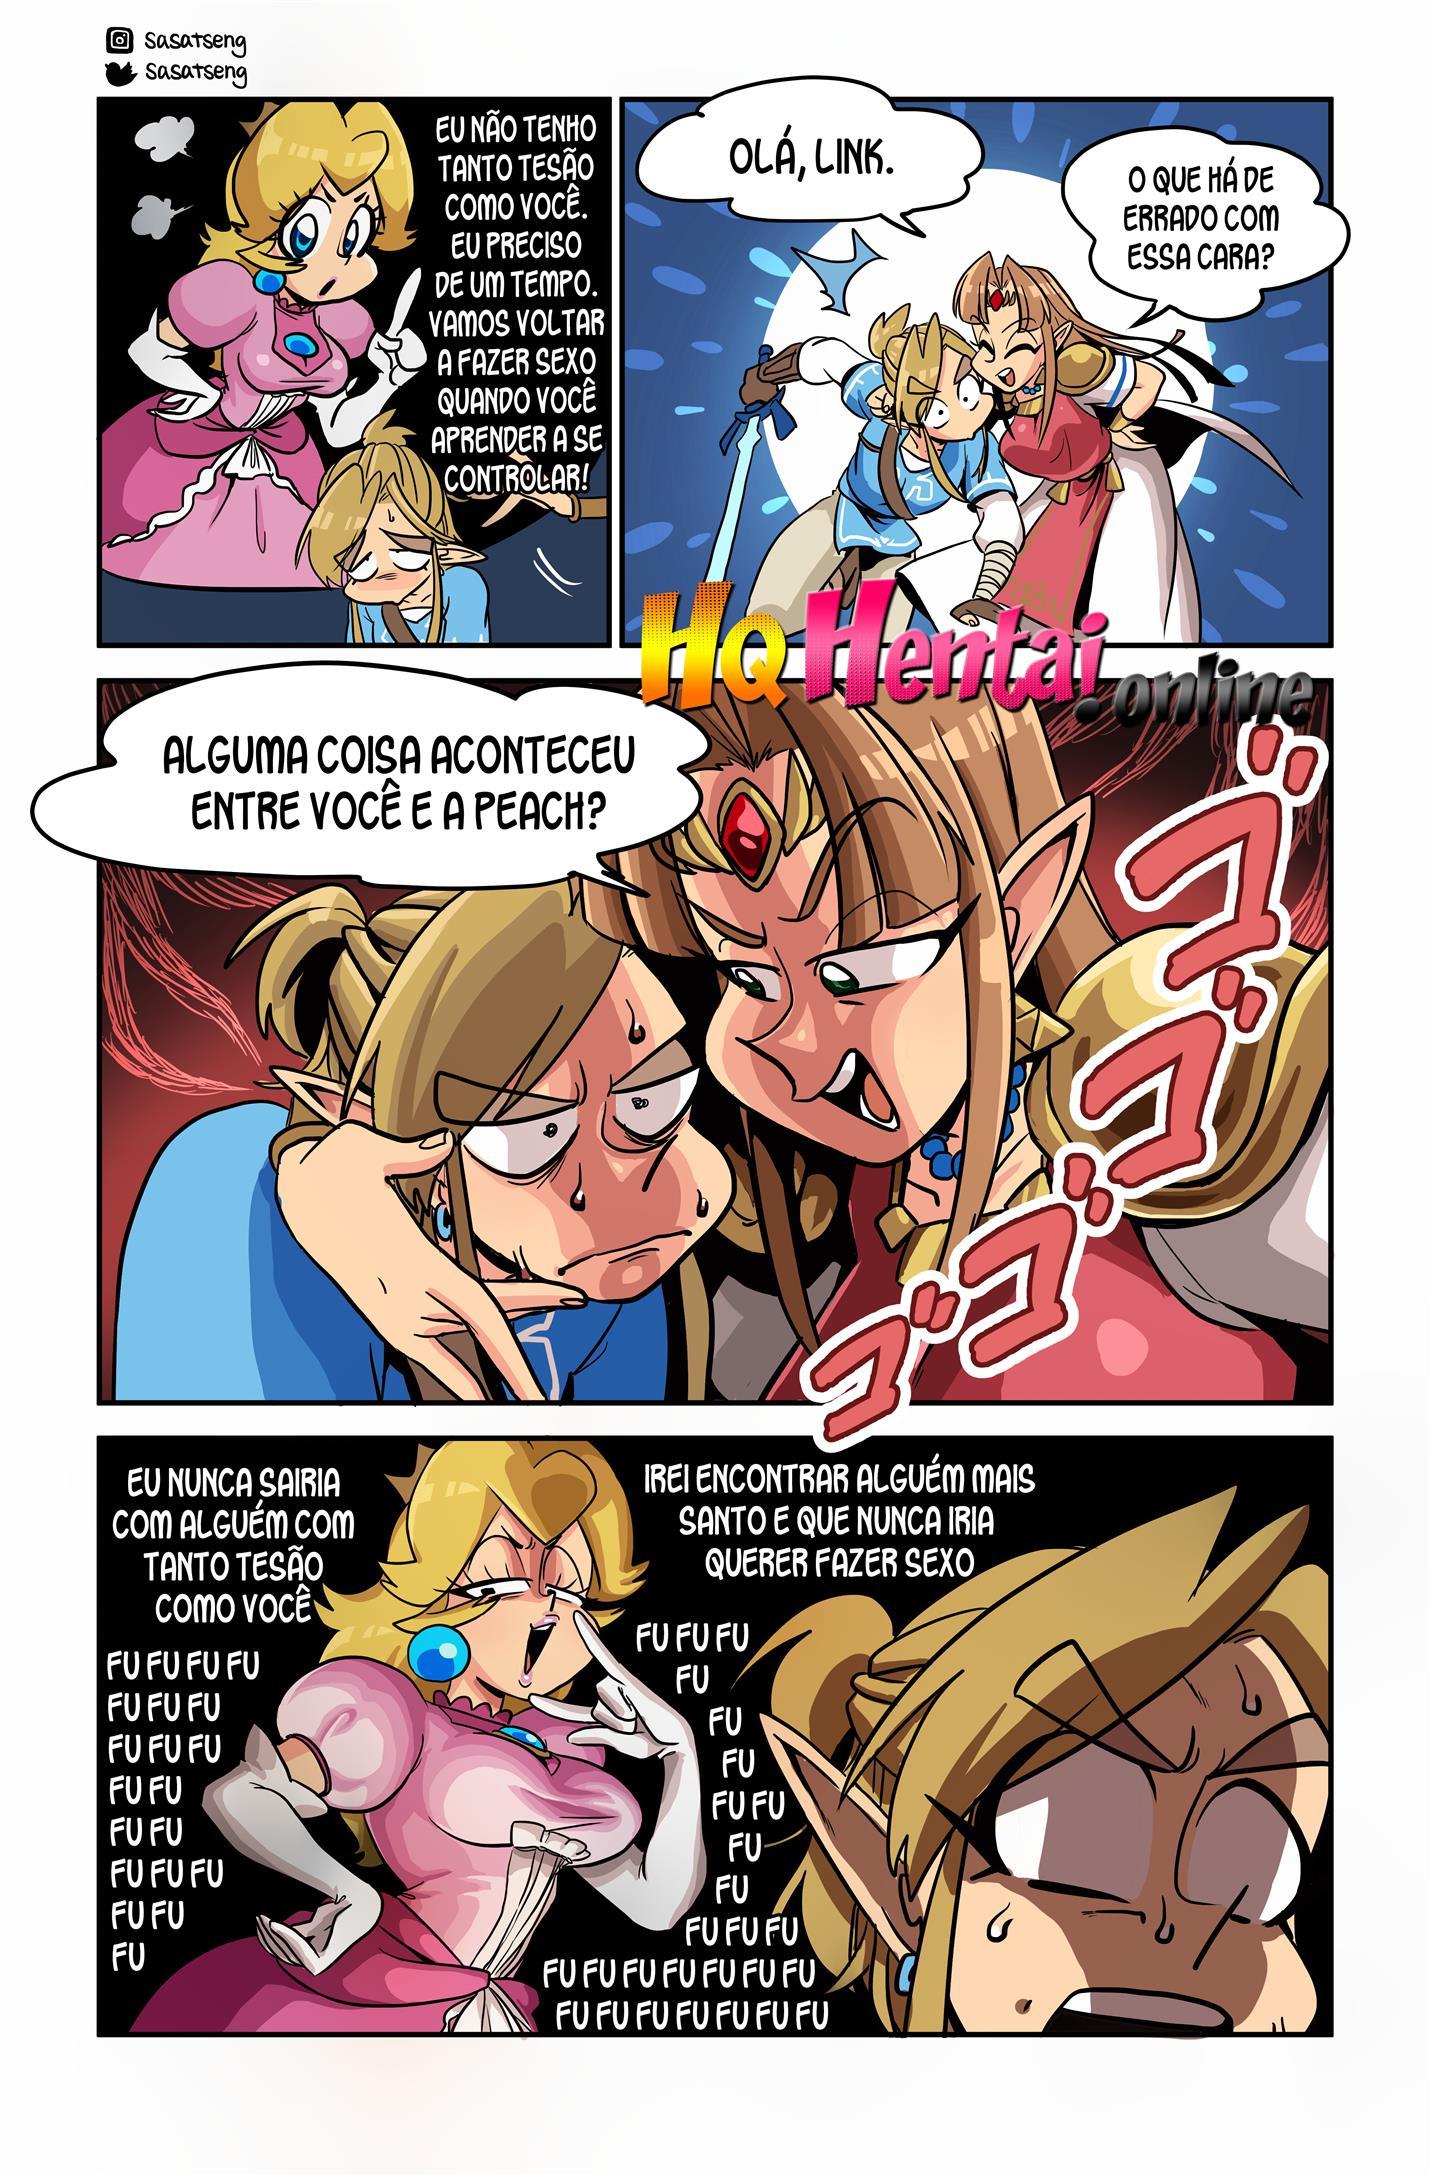 Link fodendo Peach